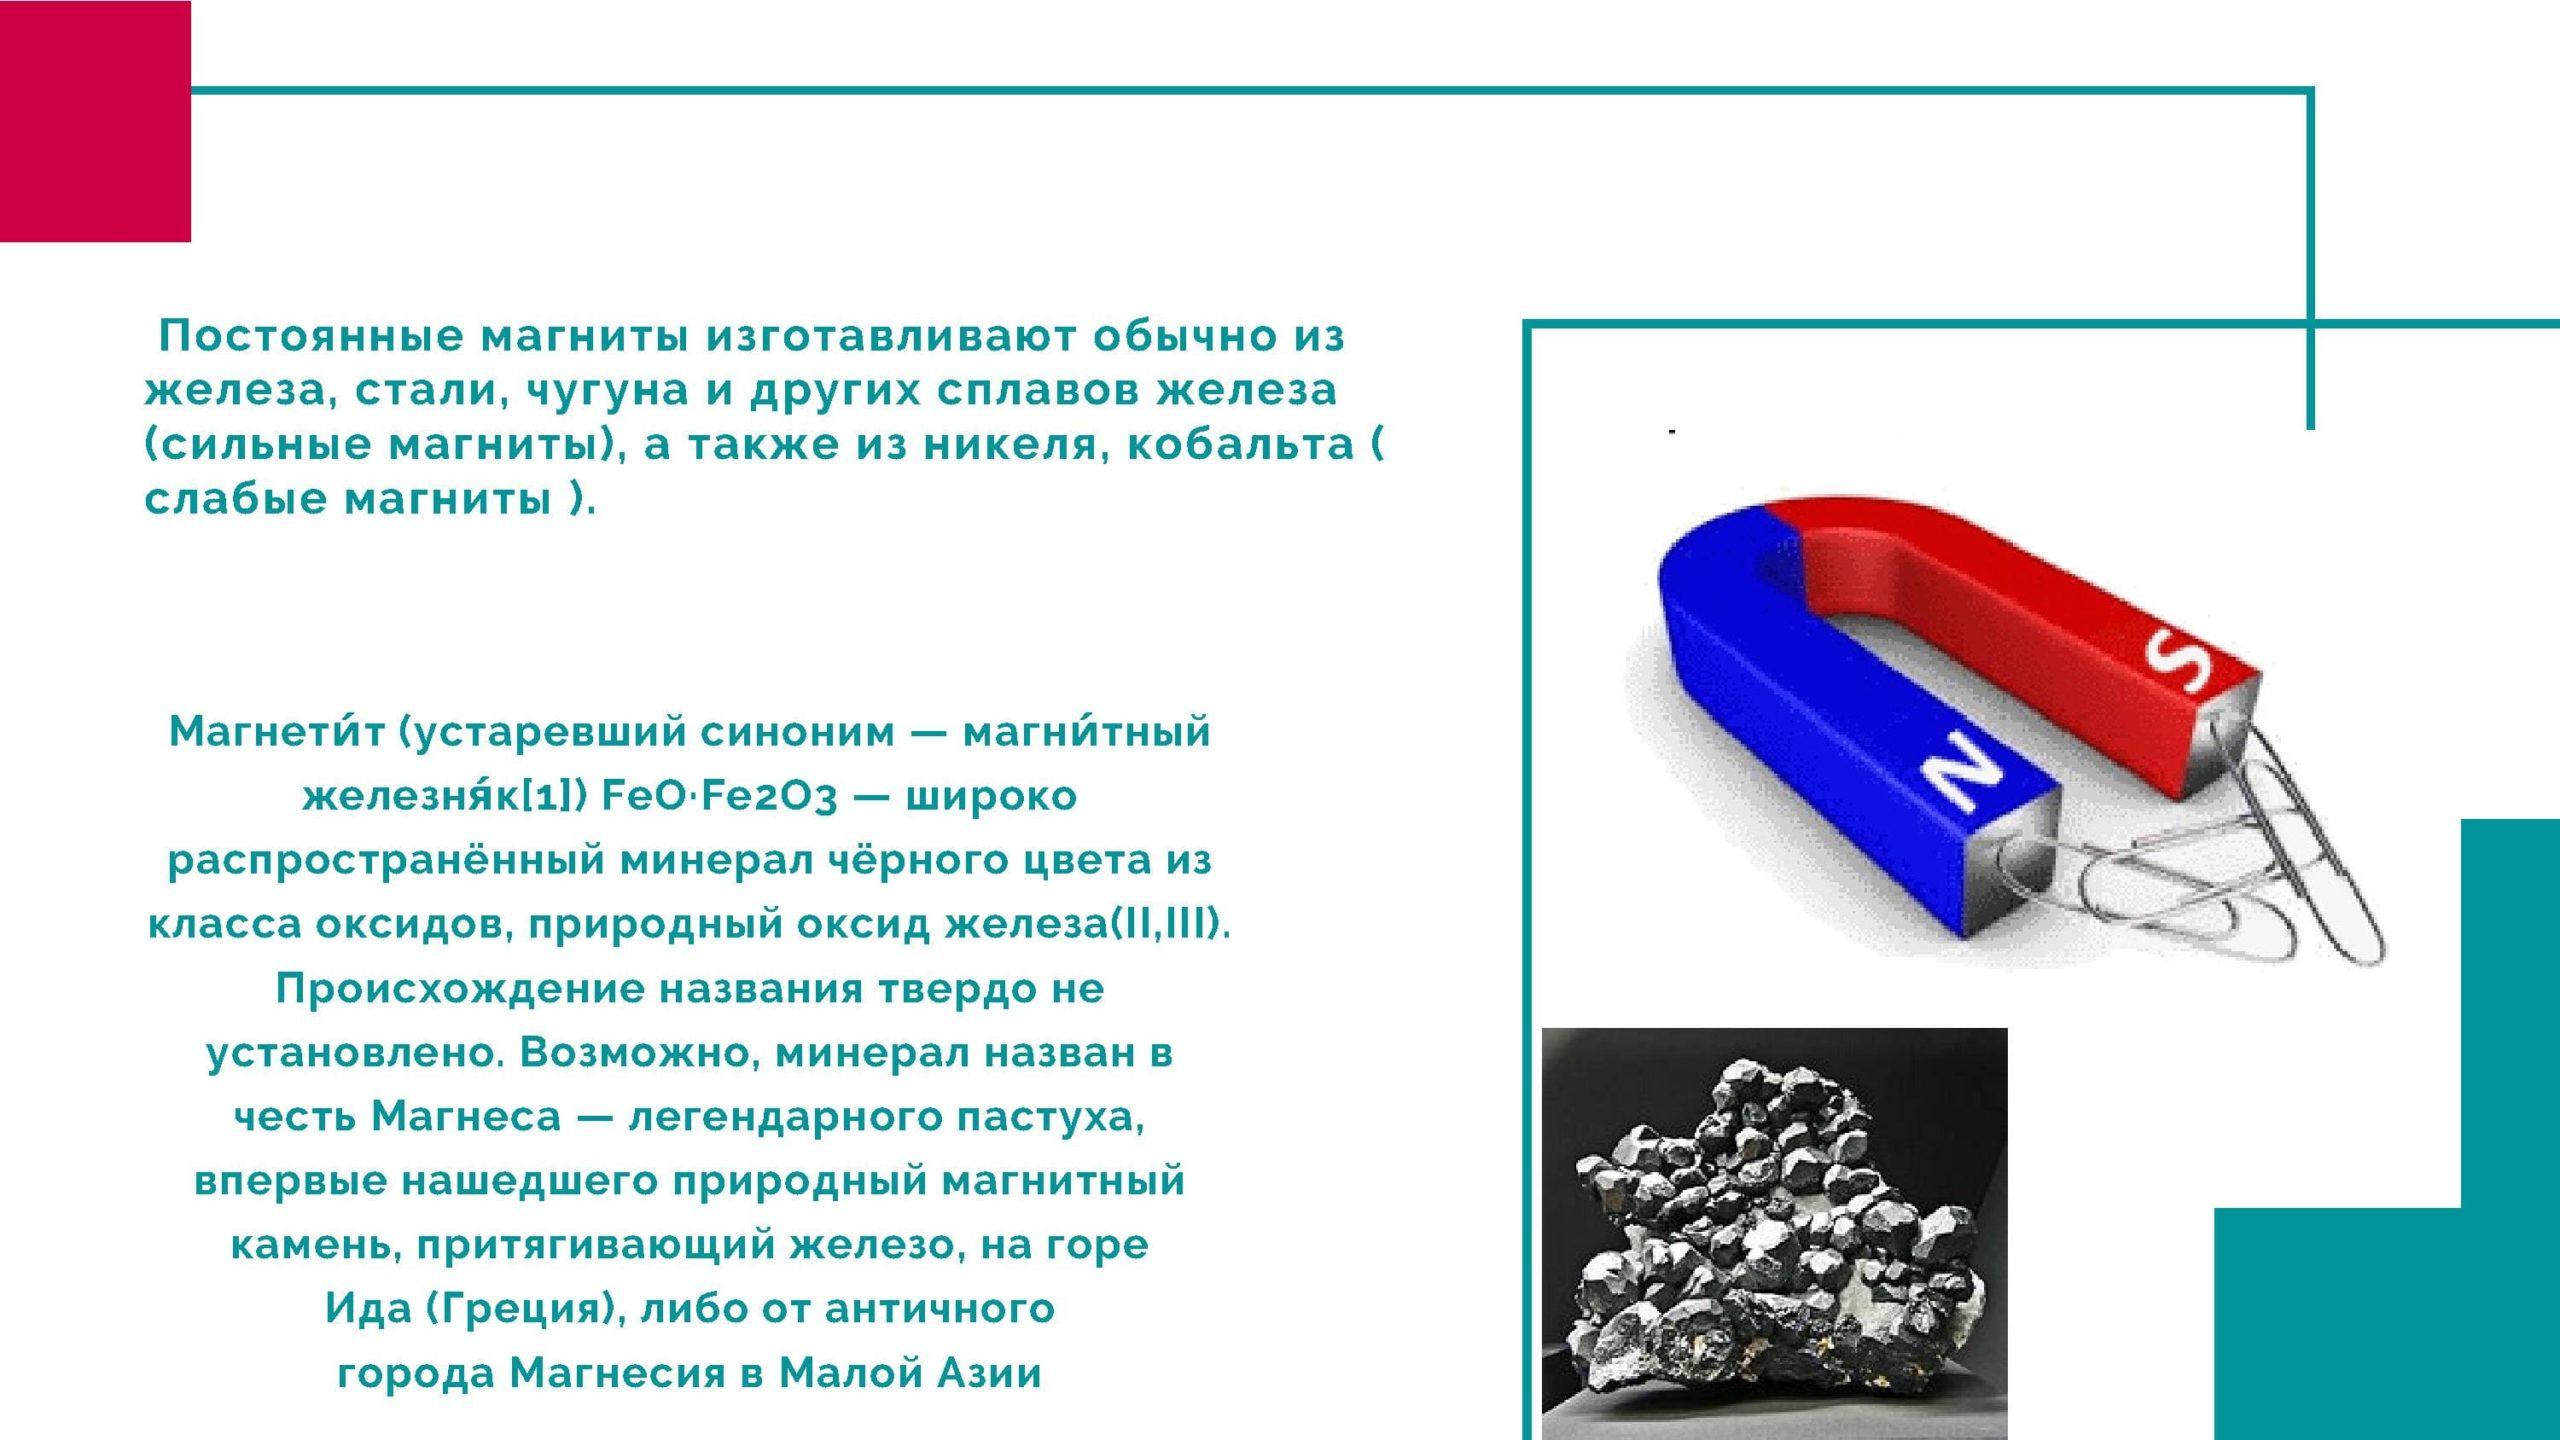 Постоянные магниты изготавливают обычно из железа, стали, чугуна